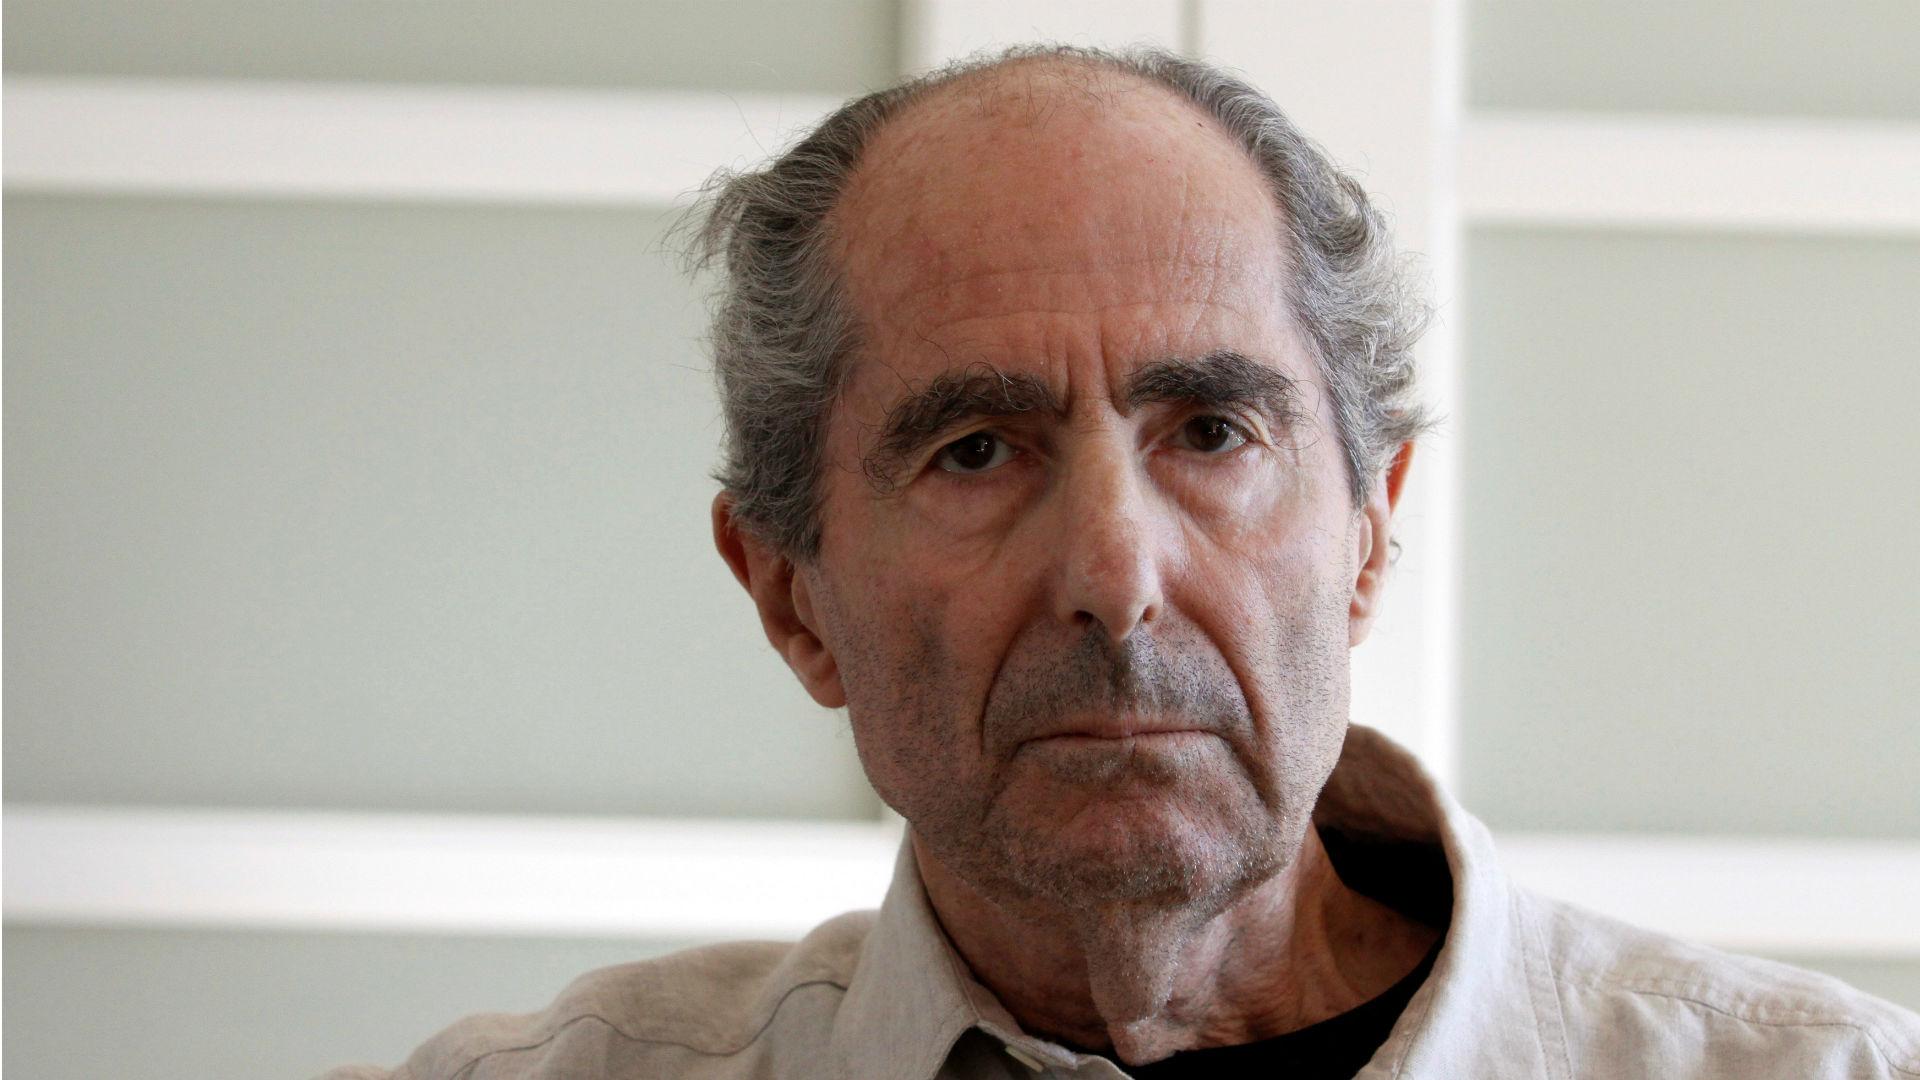 Roth en Nueva York en 2010, dos años después de tomar la decisión de dejar la escritura (Reuters)